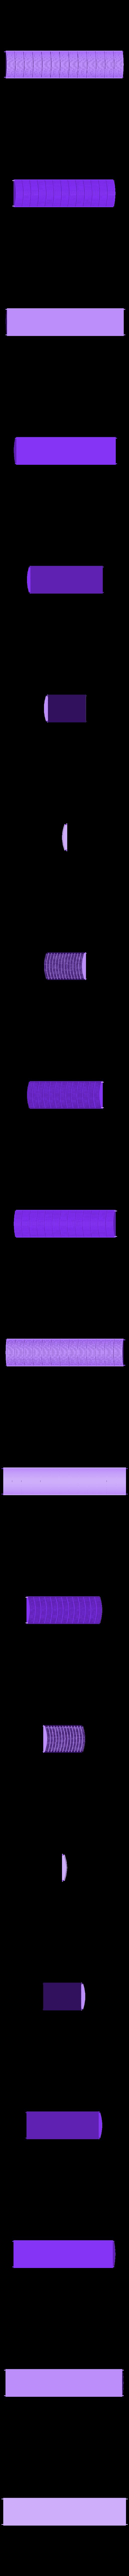 top_v1.stl Télécharger fichier STL gratuit Boxcar russe série 11-270, échelle HO • Design pour impression 3D, positron